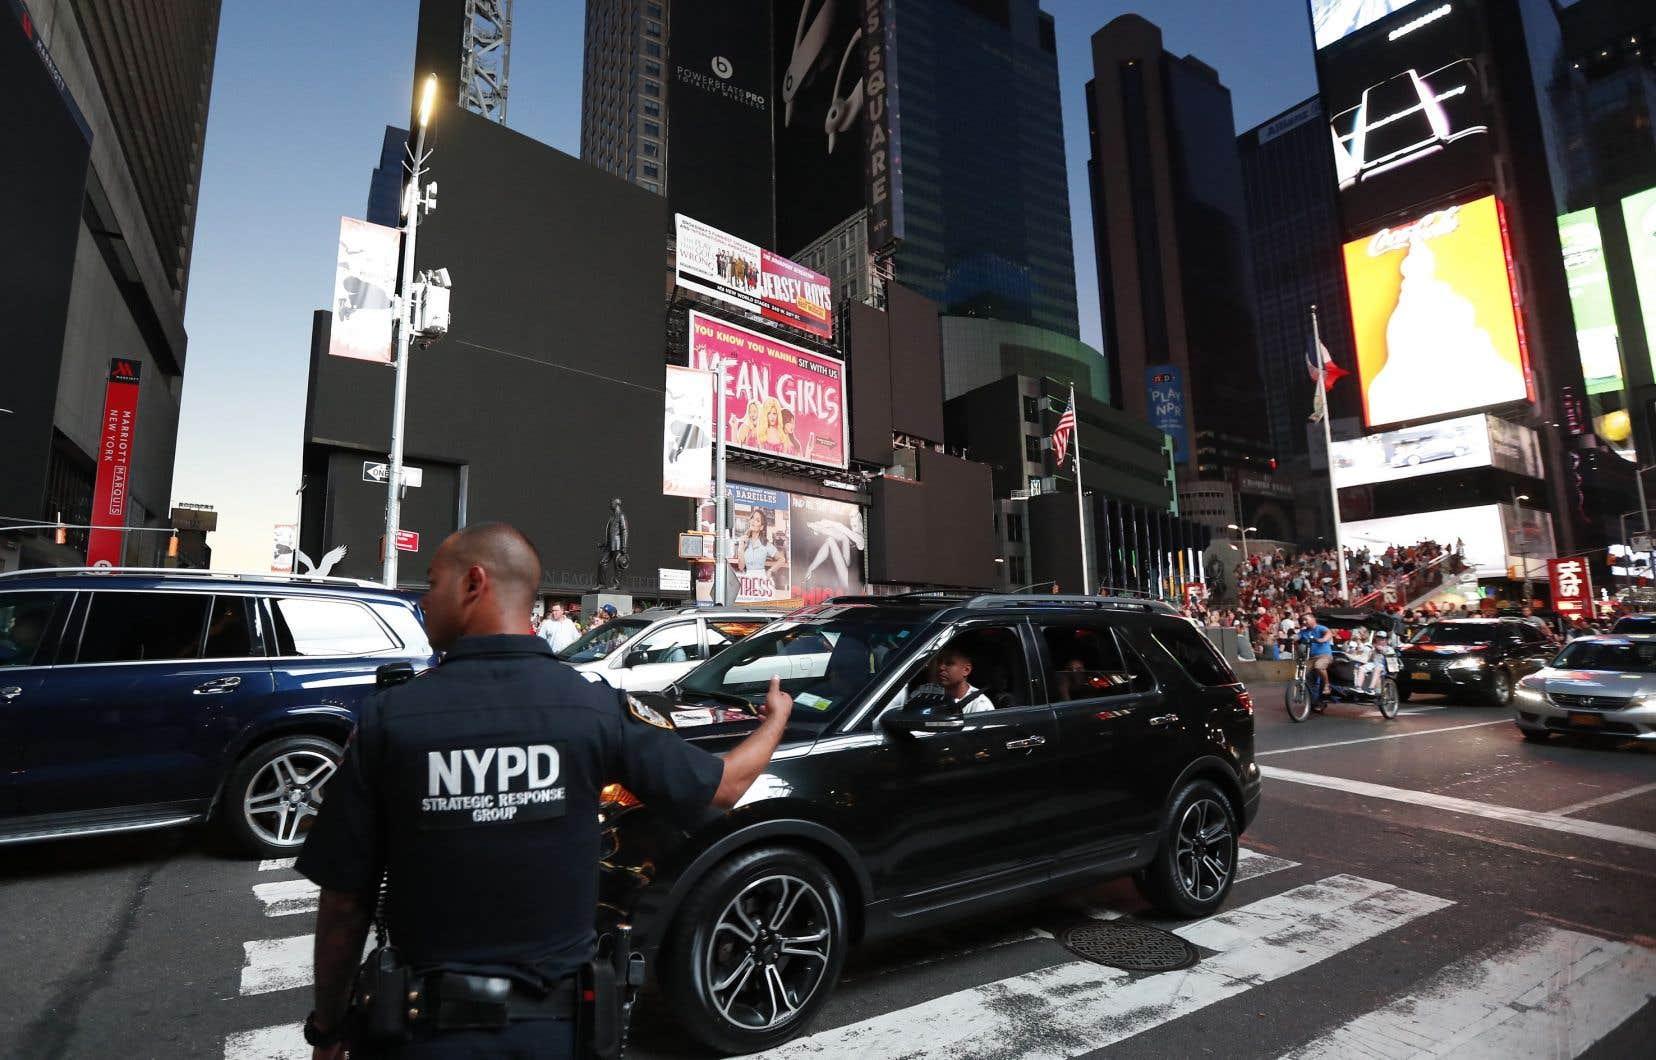 Un policier dirige la circulation dans le quartier de Times Square, touché par la panne d'électricité.